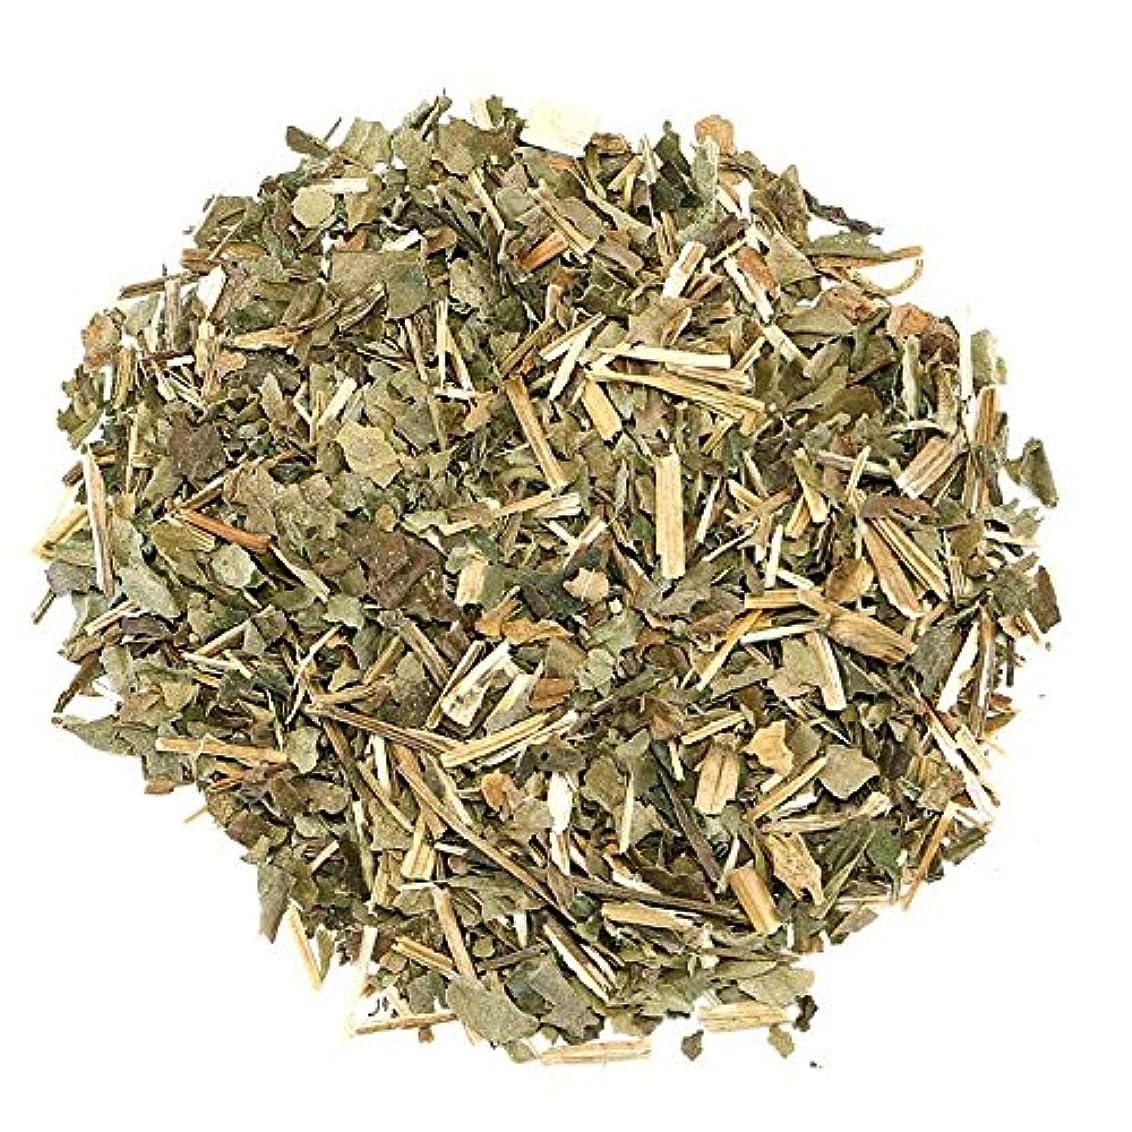 ミュウミュウベッドを作る十分ですどくだみ茶国産宮崎県産 業務用500g 乾燥どくだみ100% お茶 お風呂の入浴用に